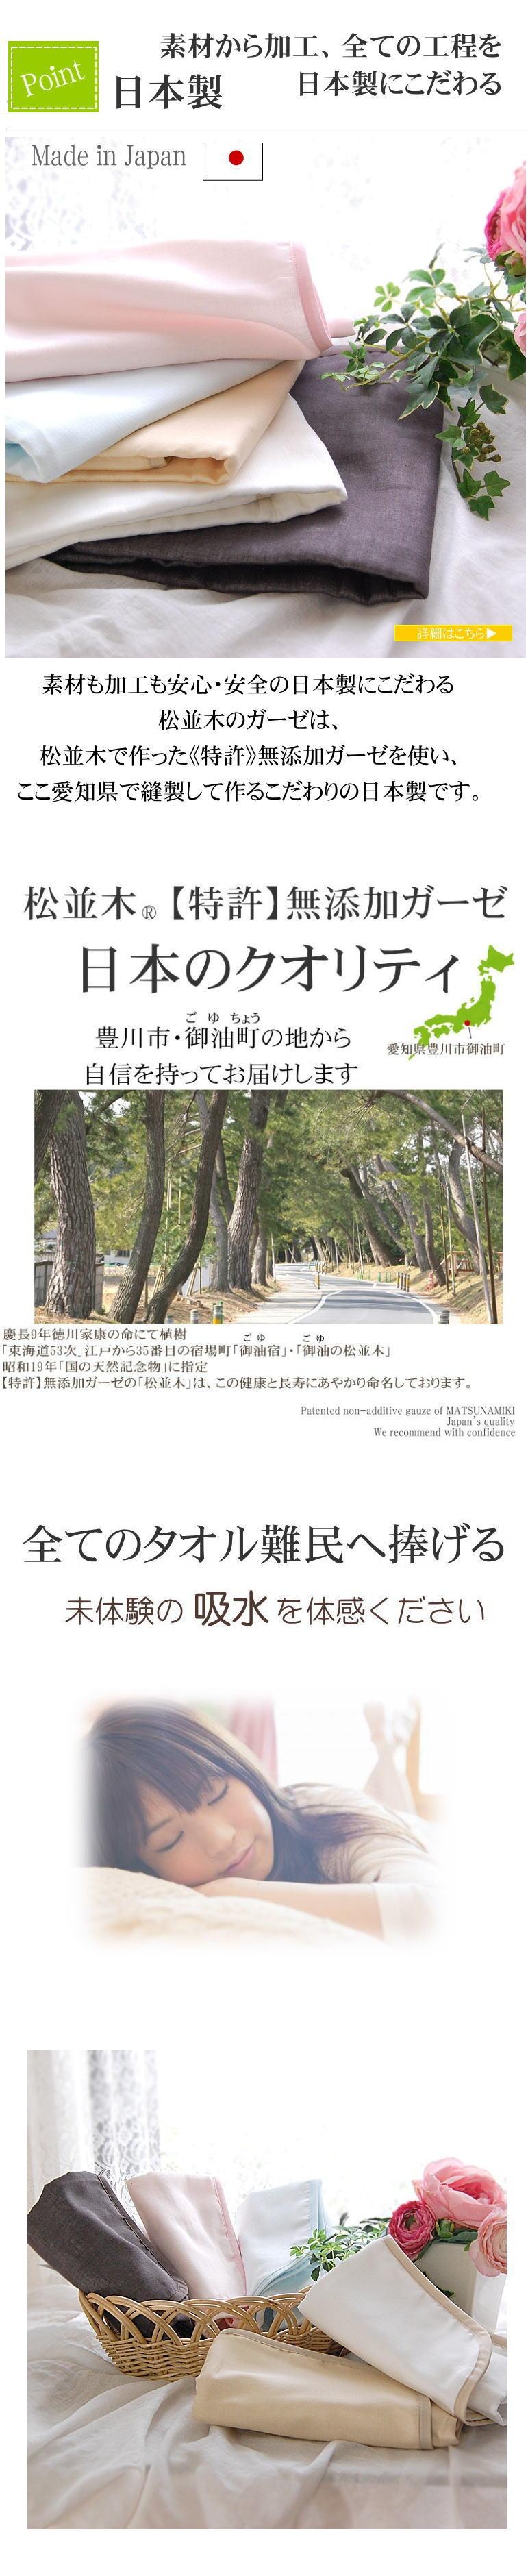 日本製 ガーゼ フェイスタオル ボディタオル 入浴タオル サウナタオル 楽天1位 ボディタオル 入浴タオル サウナタオル 松並木